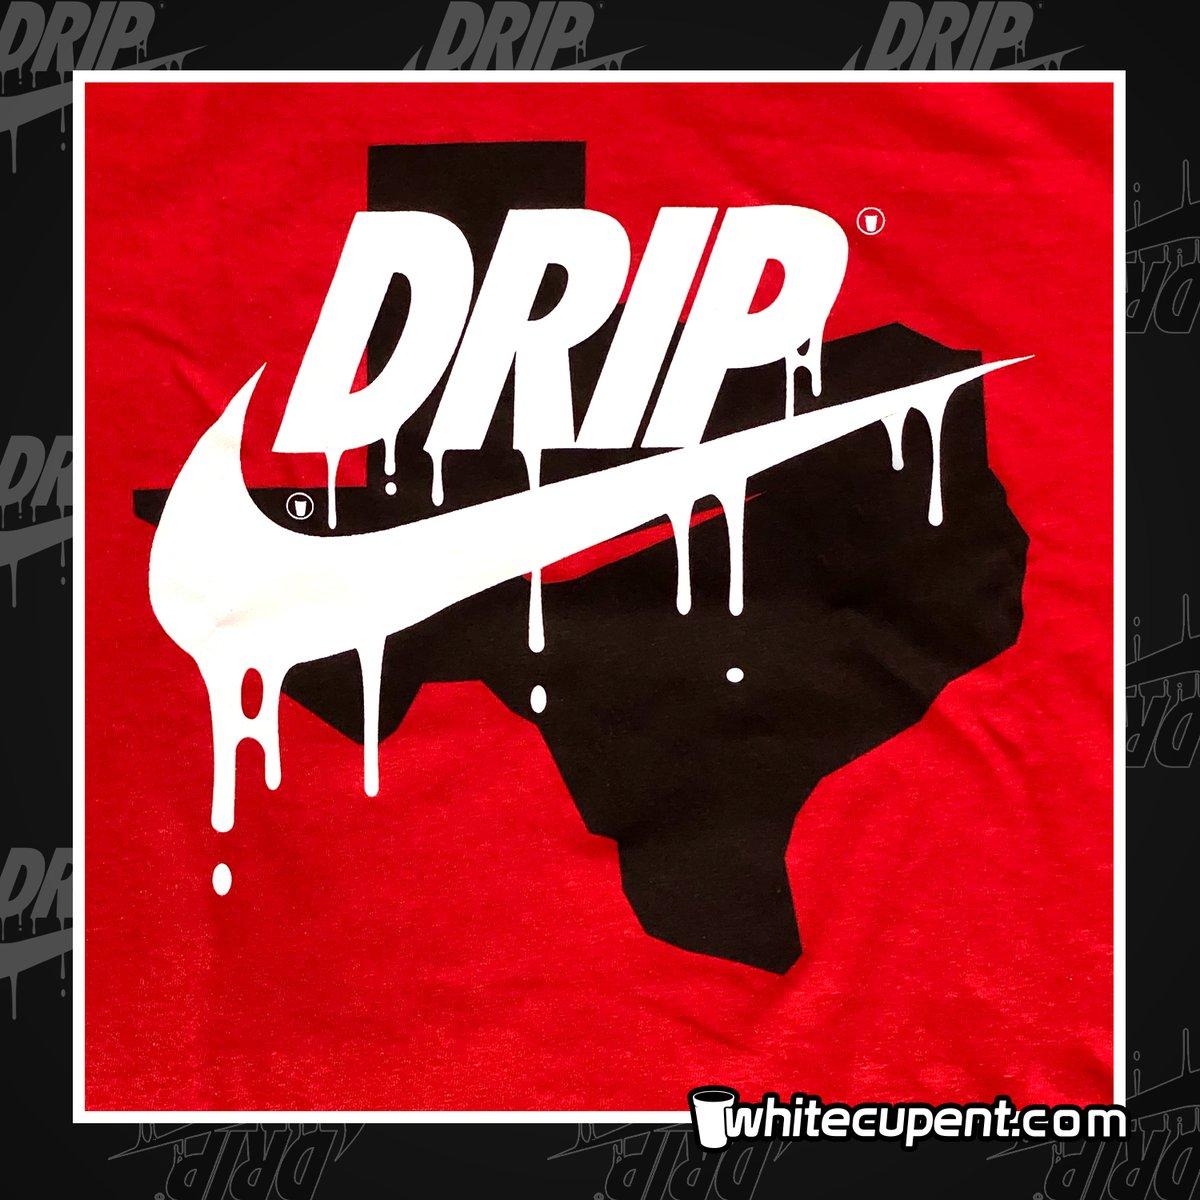 Texas Drip (NIKE)